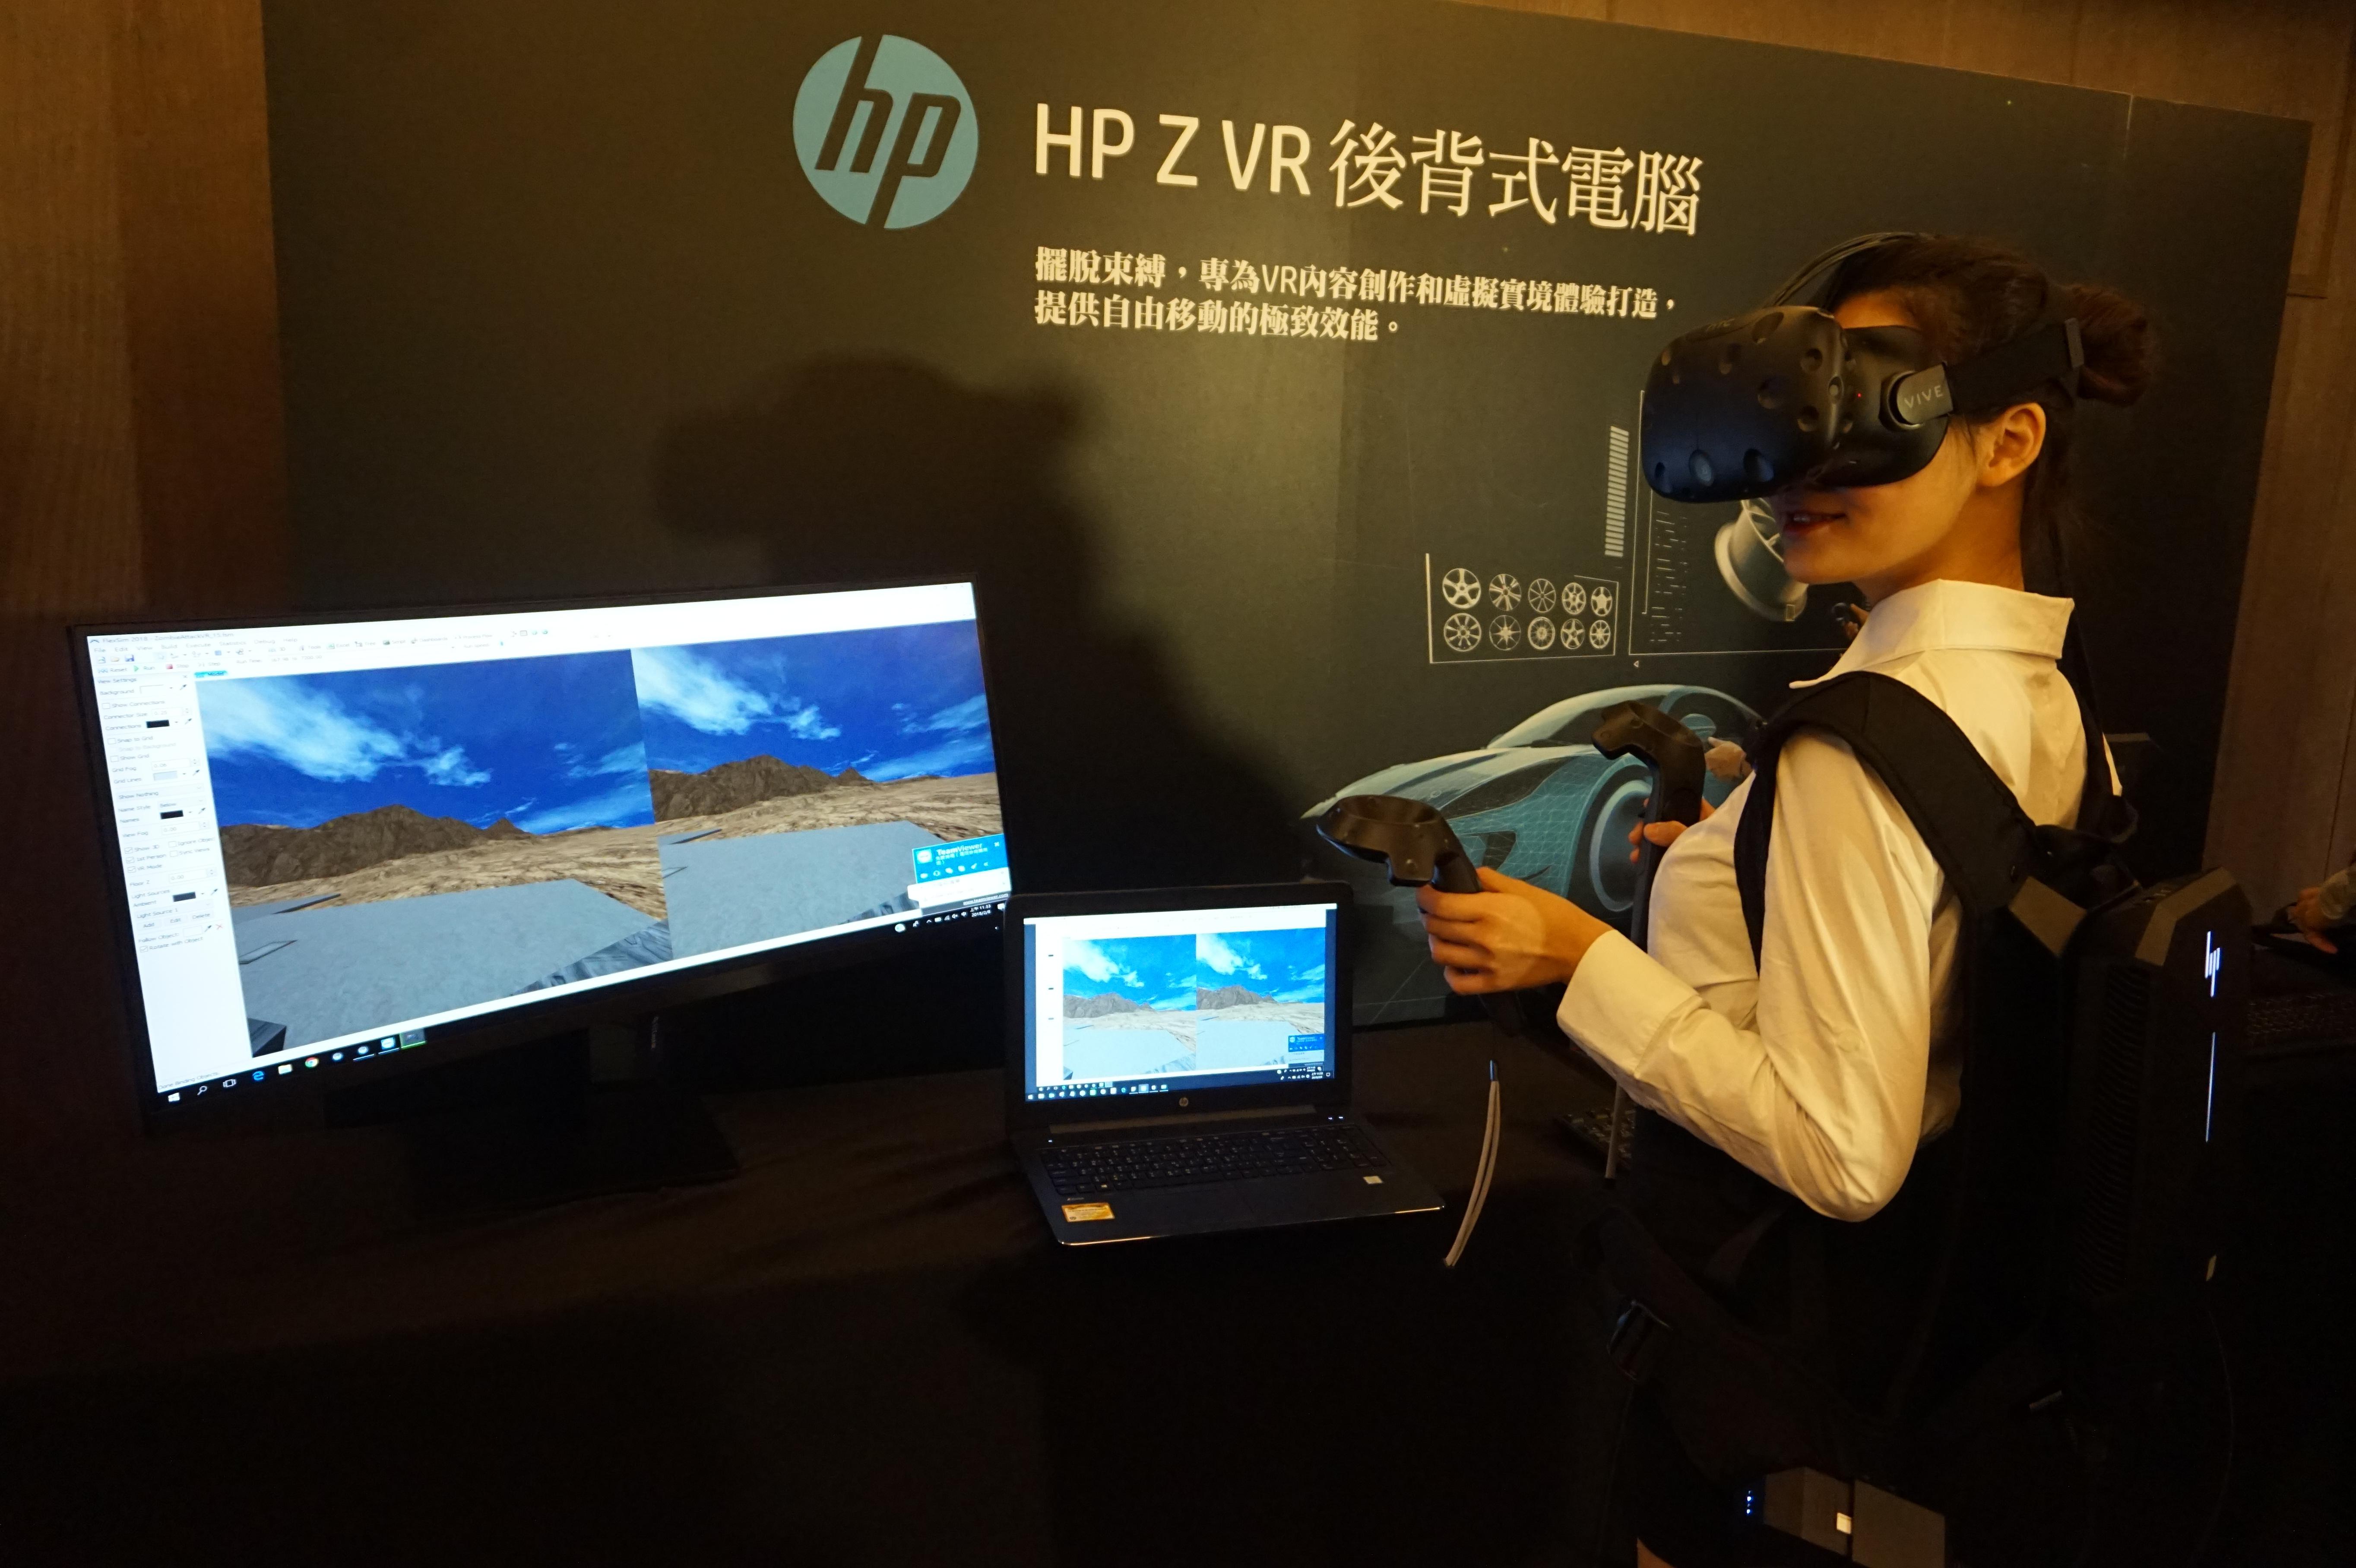 惠普新商用电脑和工作站登场,穿戴式 VR 工作站成焦点